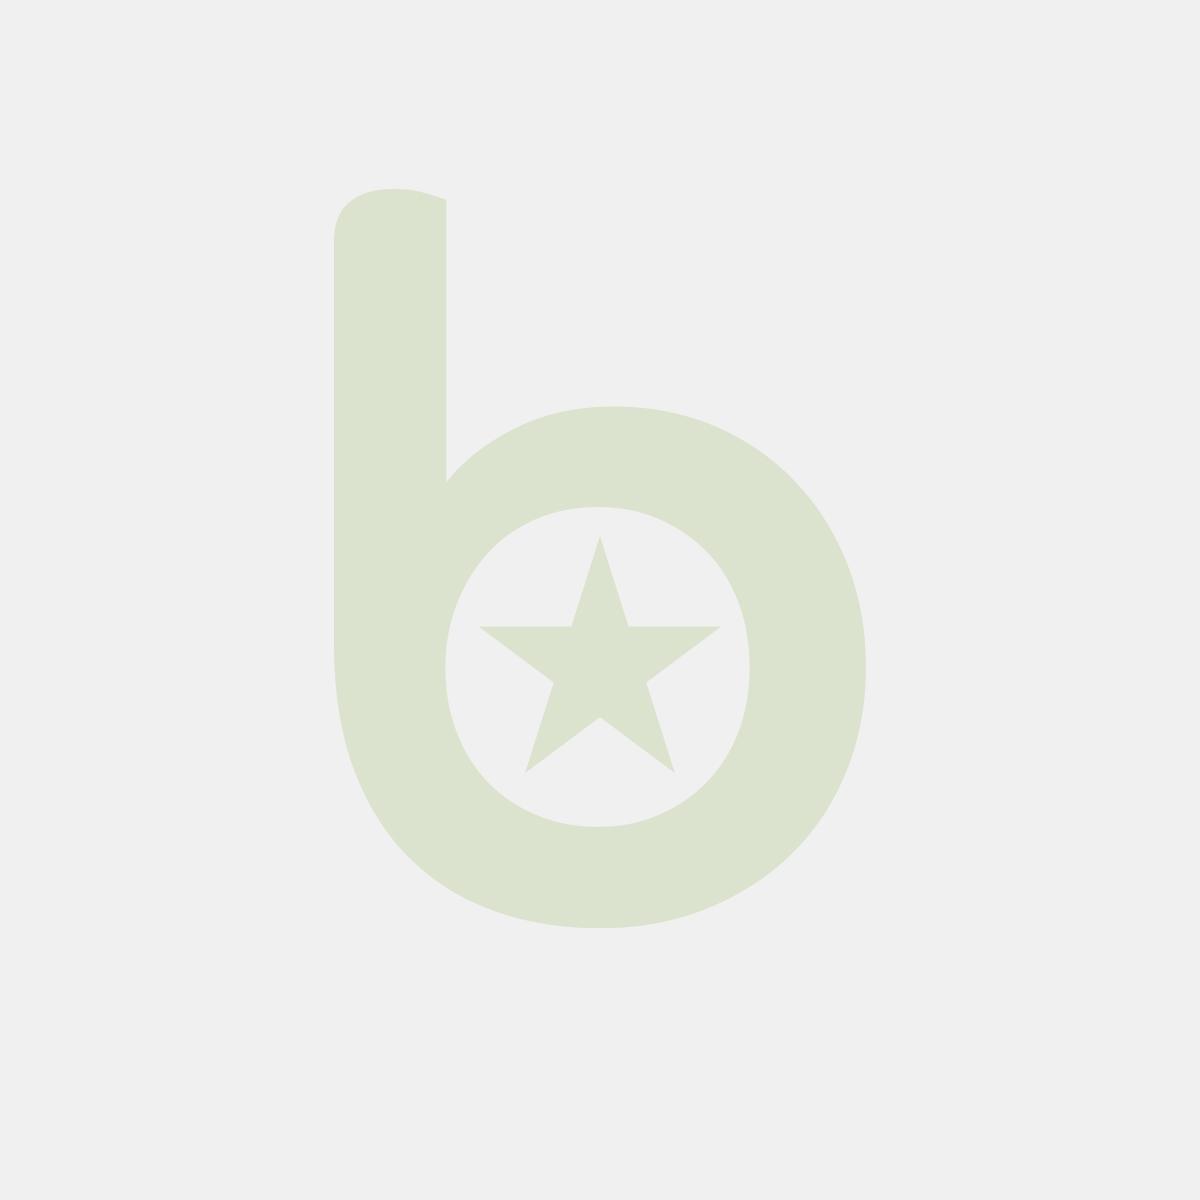 FINGERFOOD - kubek PRESTIGE 200ml transparentny 7,3x7,3xh.7,3cm op. 50 sztuk